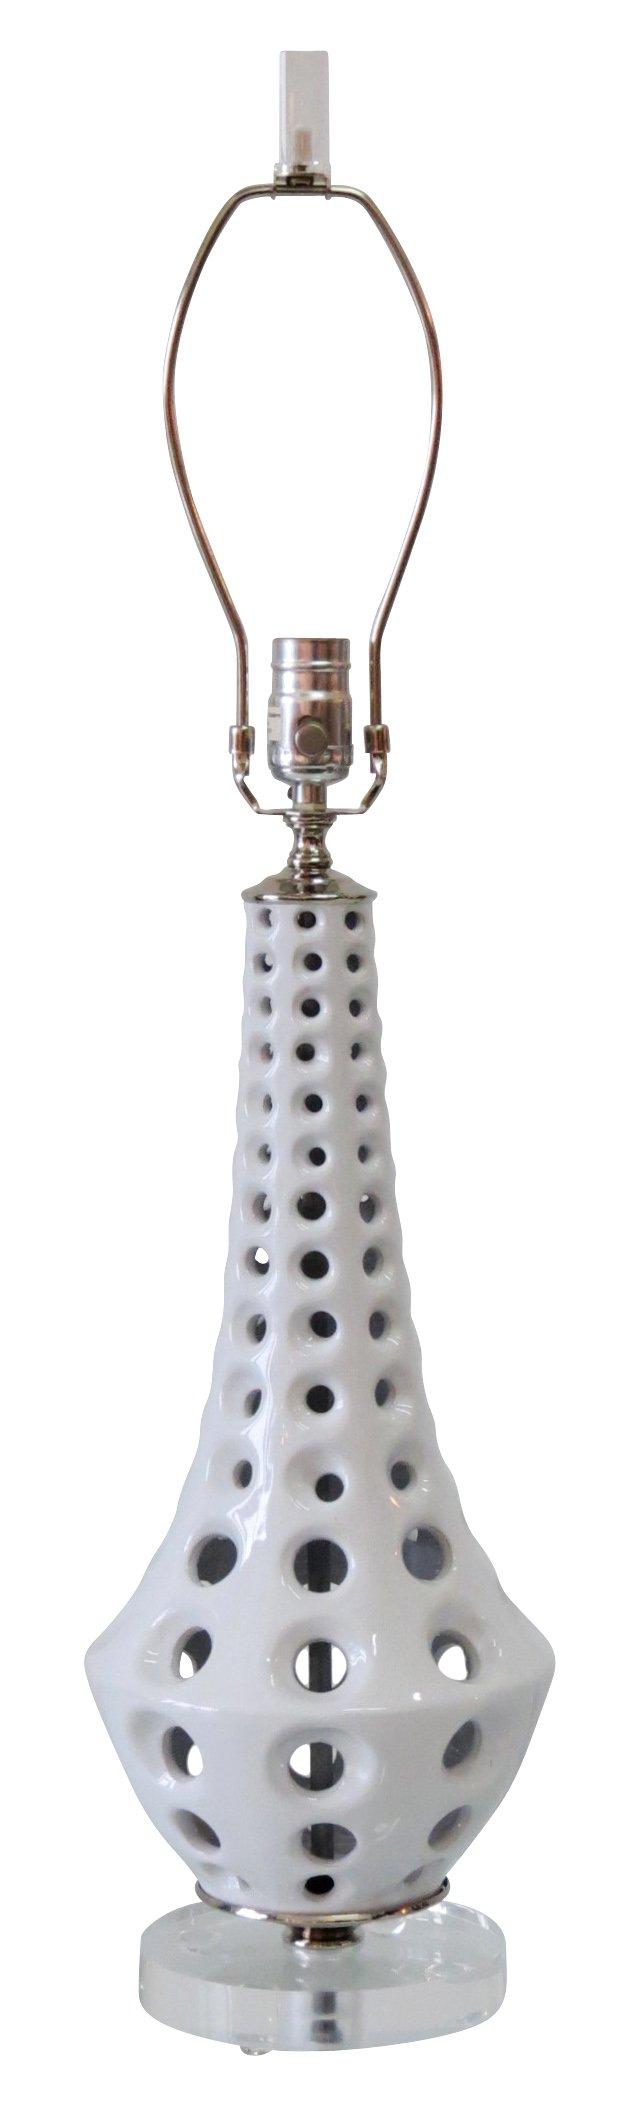 Reticulated Ceramic  Lamp